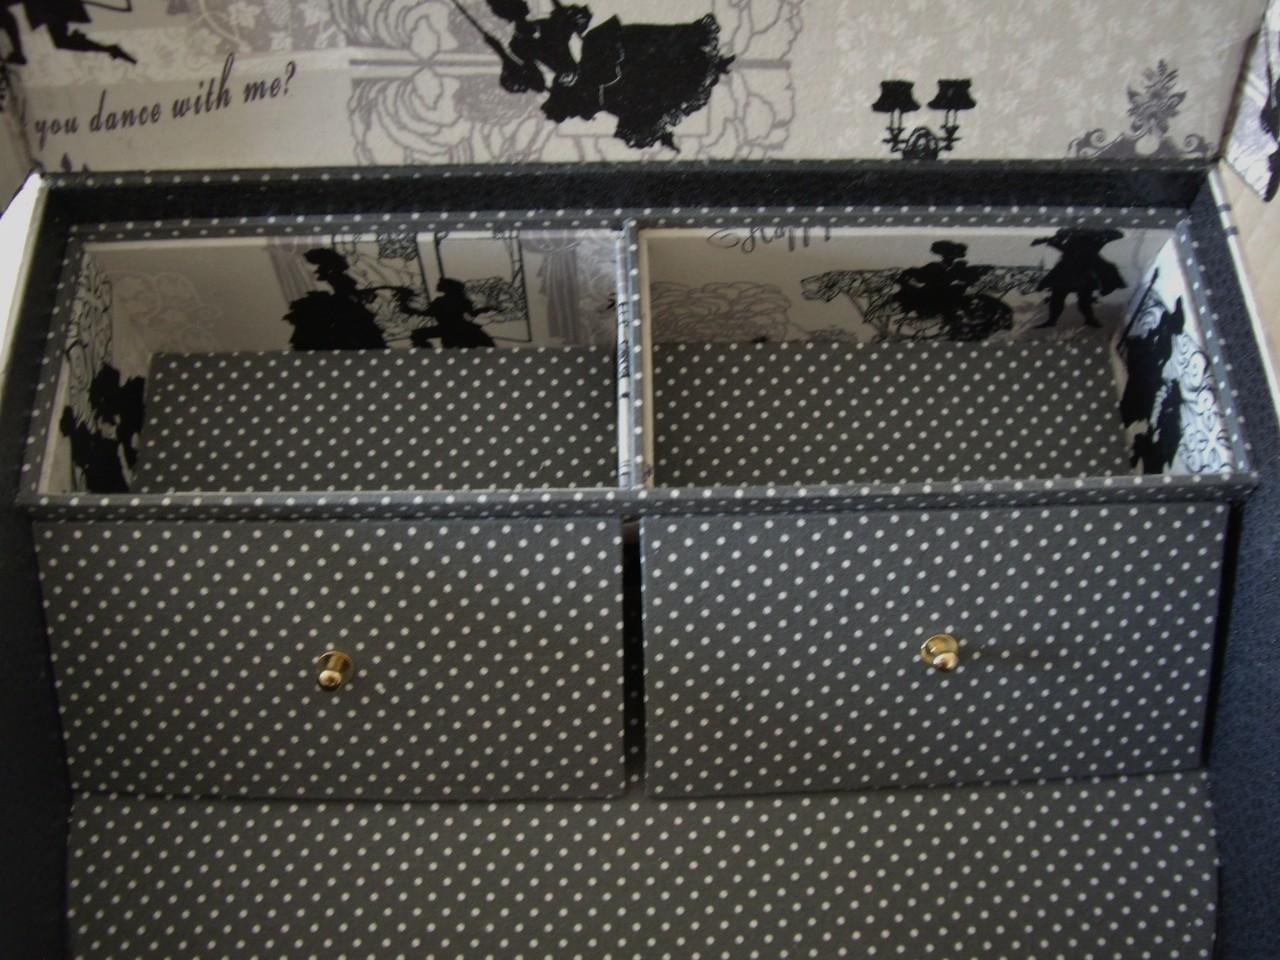 petit tiroir intérieur de la valisette